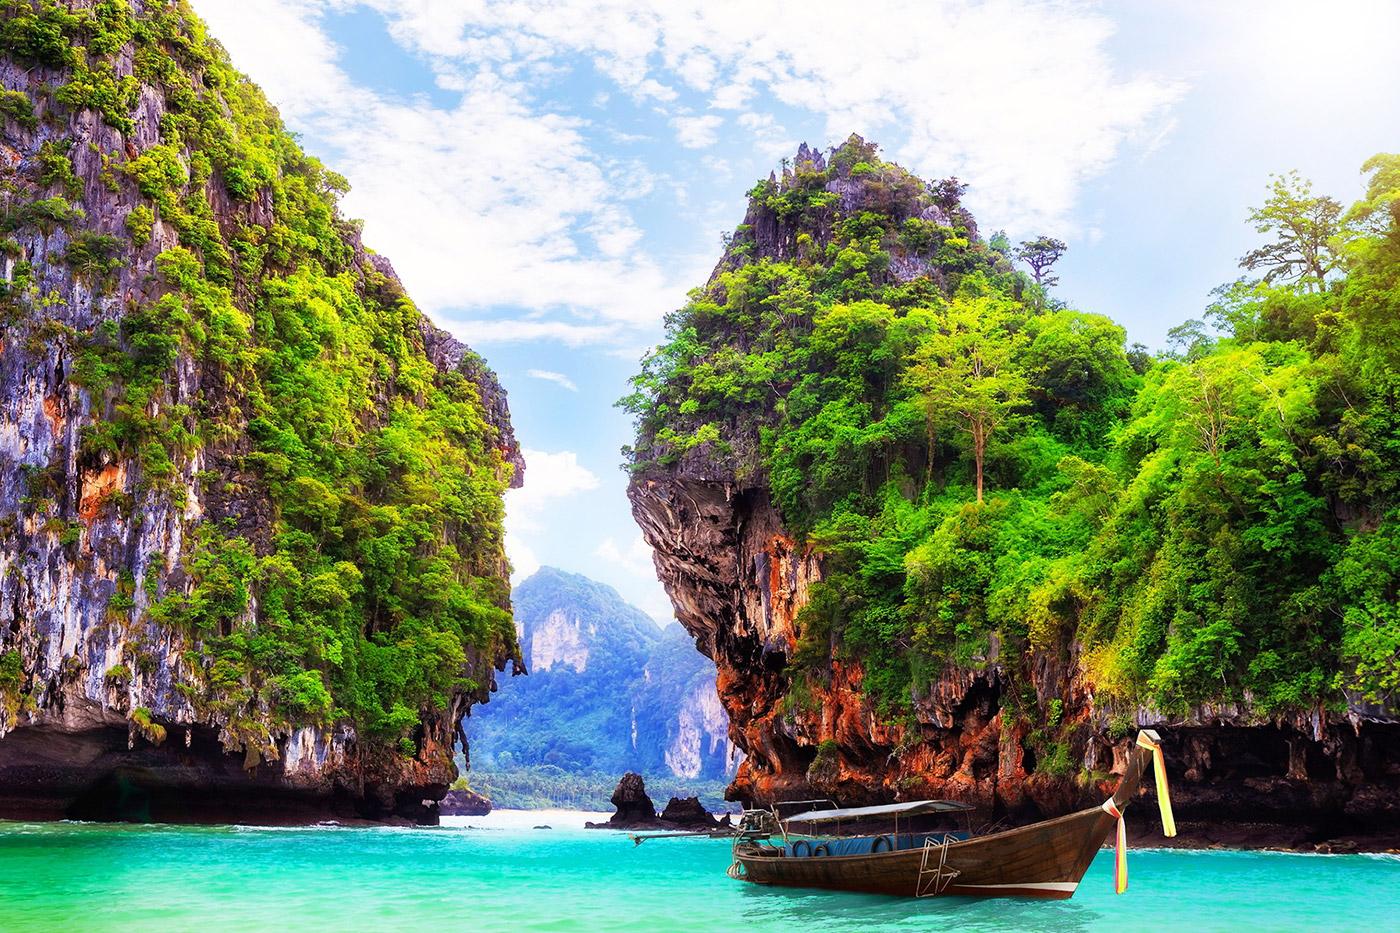 چرا باید یک بار هم شده به تور تایلند برویم